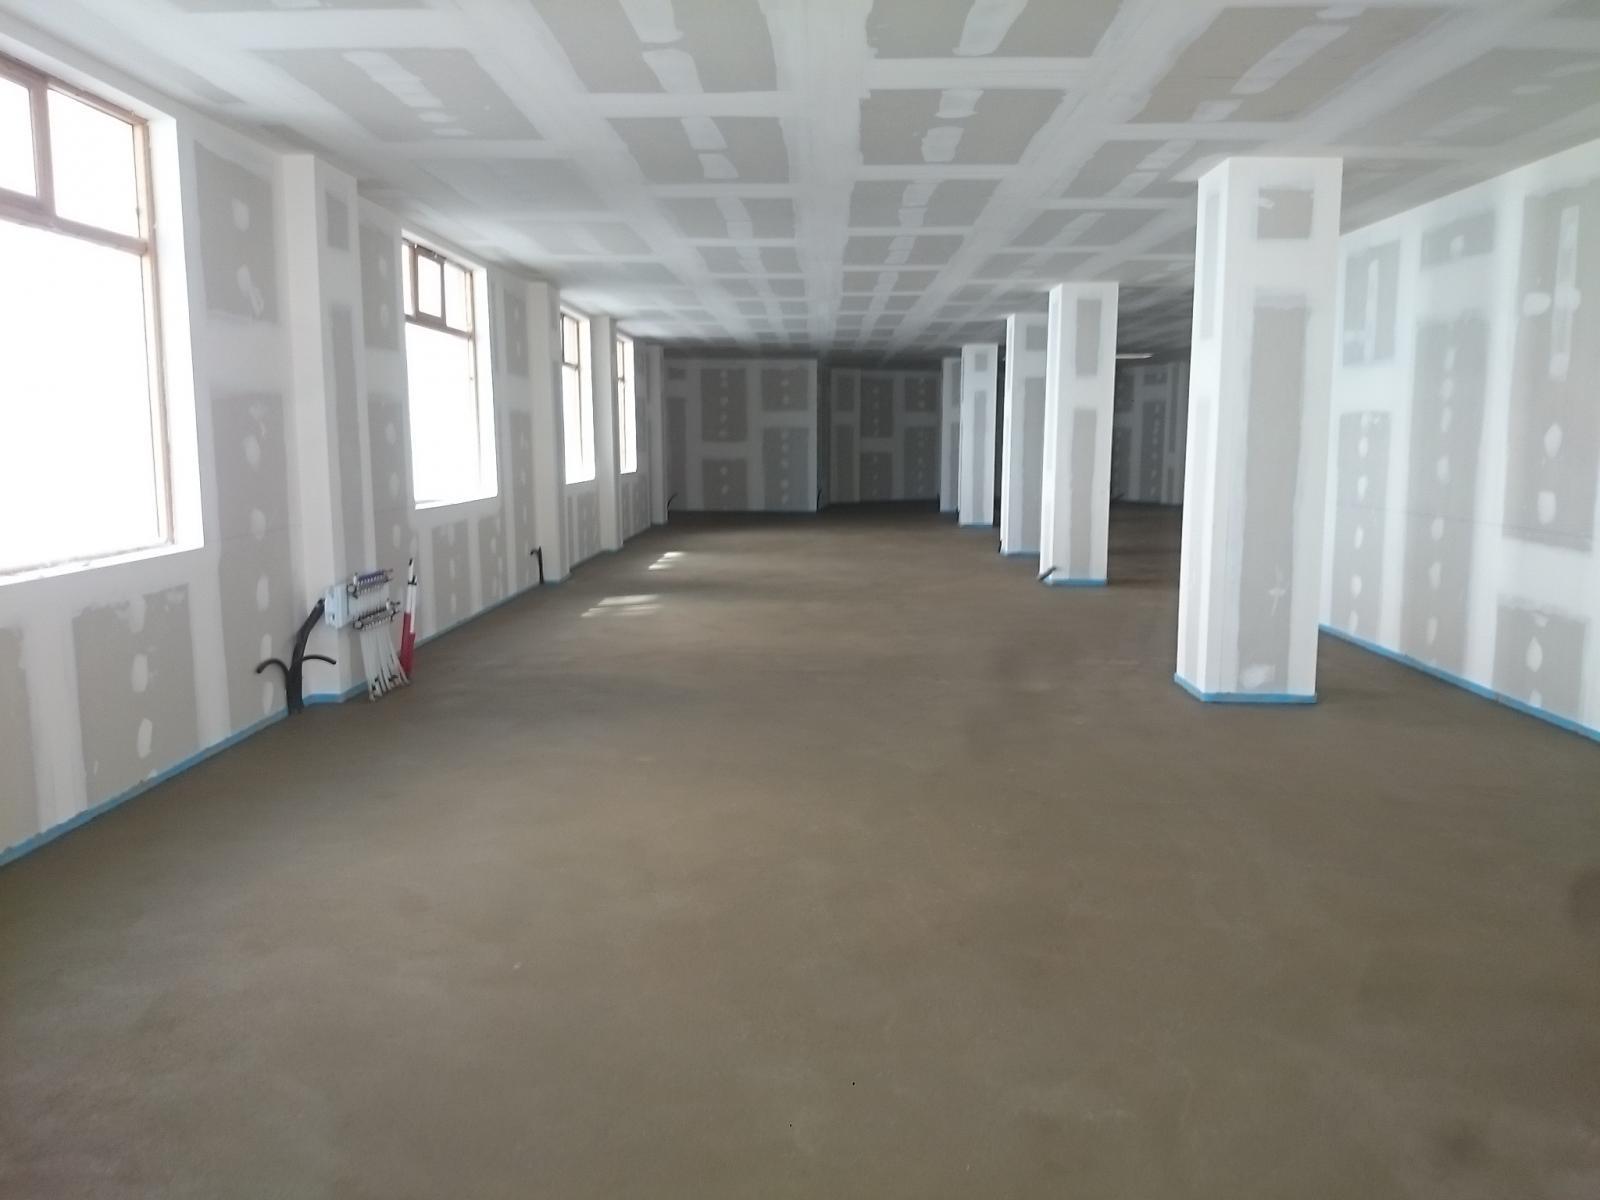 Construcciones Adrian: Solera de cemento sobre suelo radiante